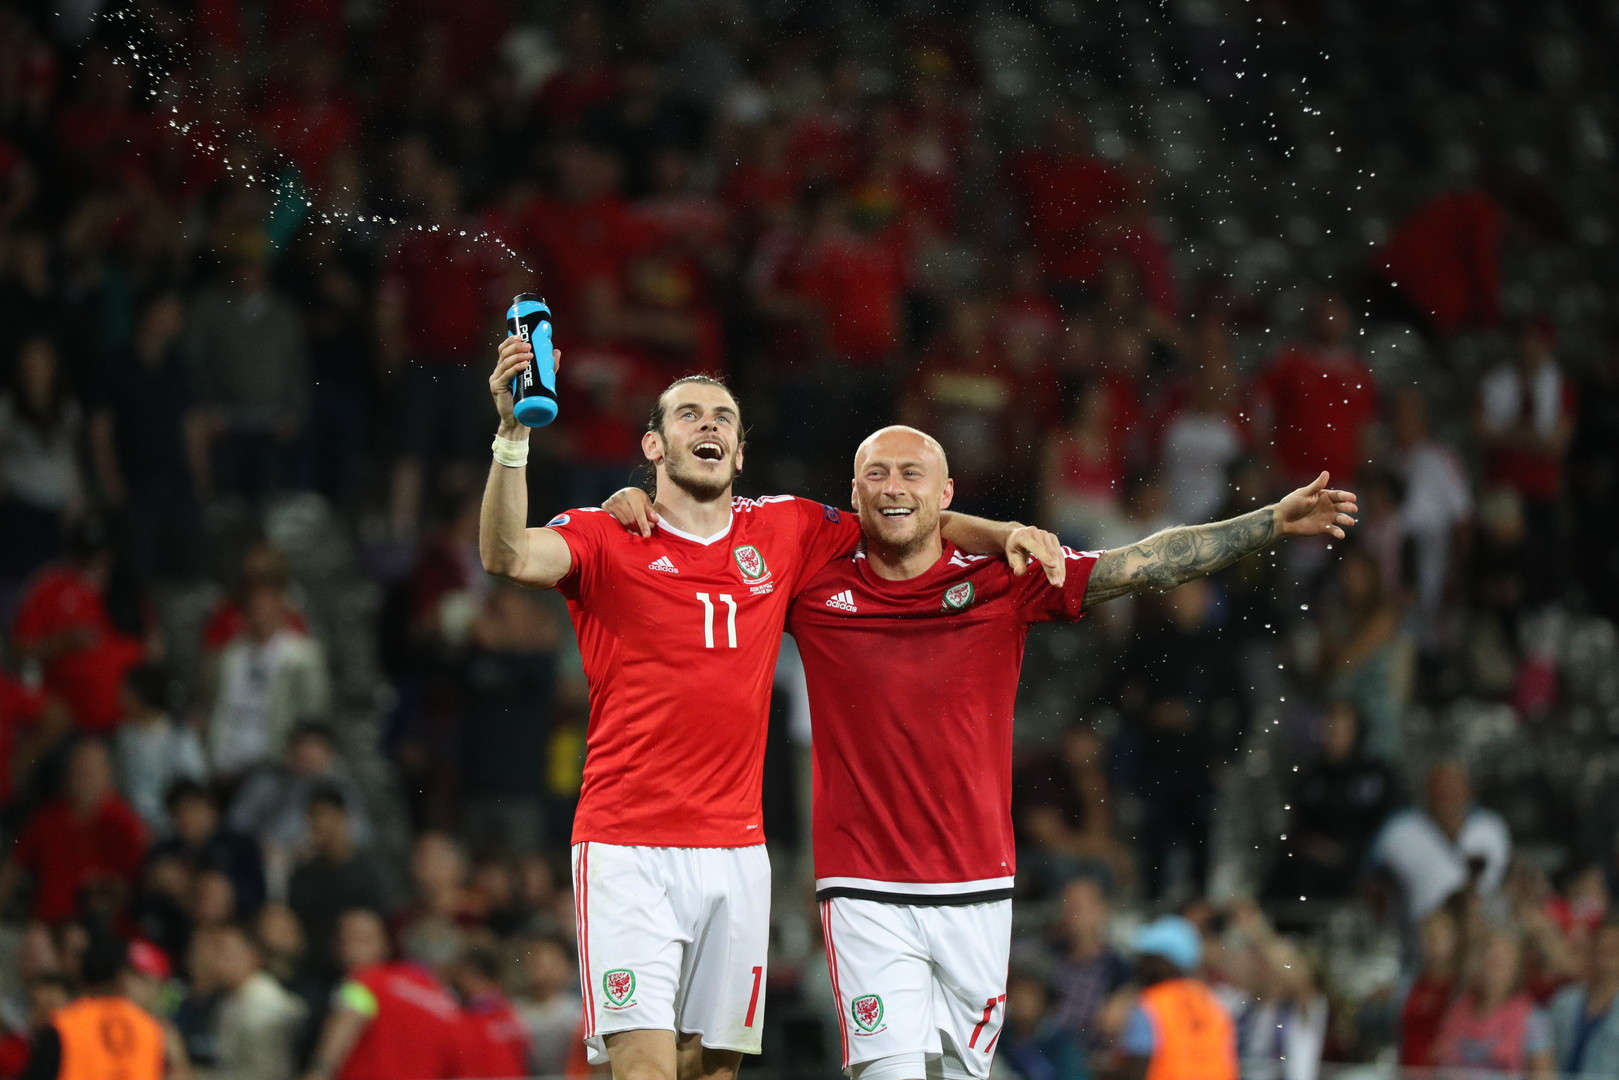 Сборная Уэльса прошла в четвертьфинал Евро-2016